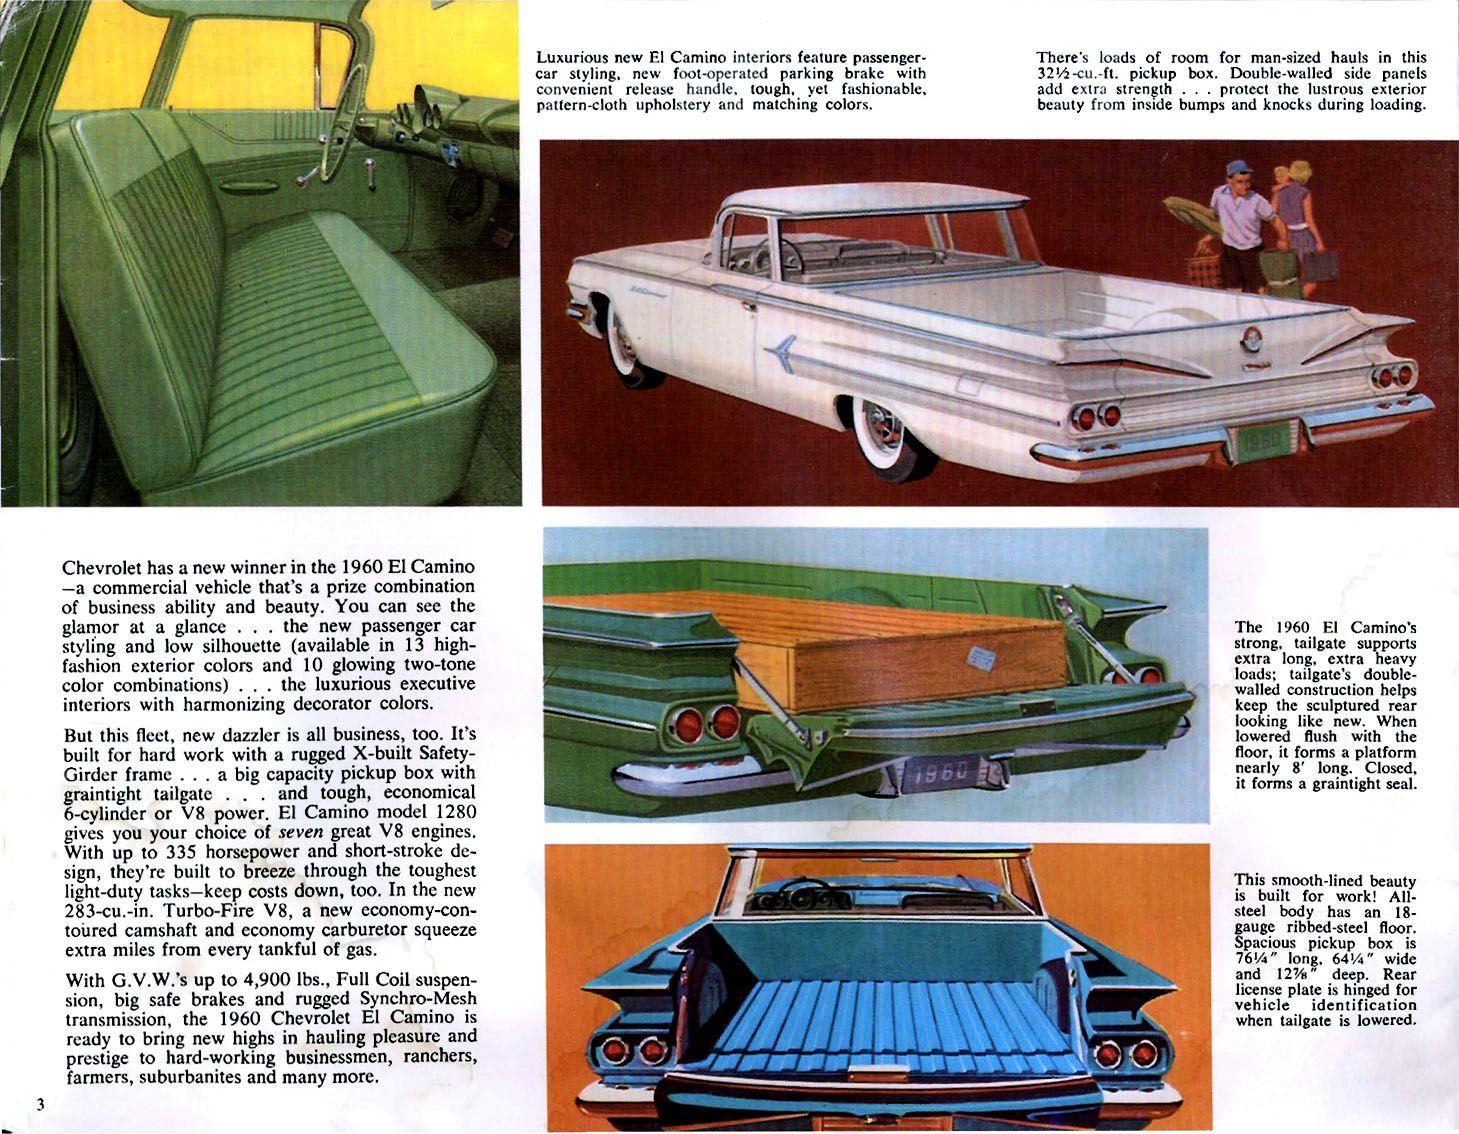 1960 Chevrolet El Camino Chevrolet El Camino Automotive Illustration Car Ads